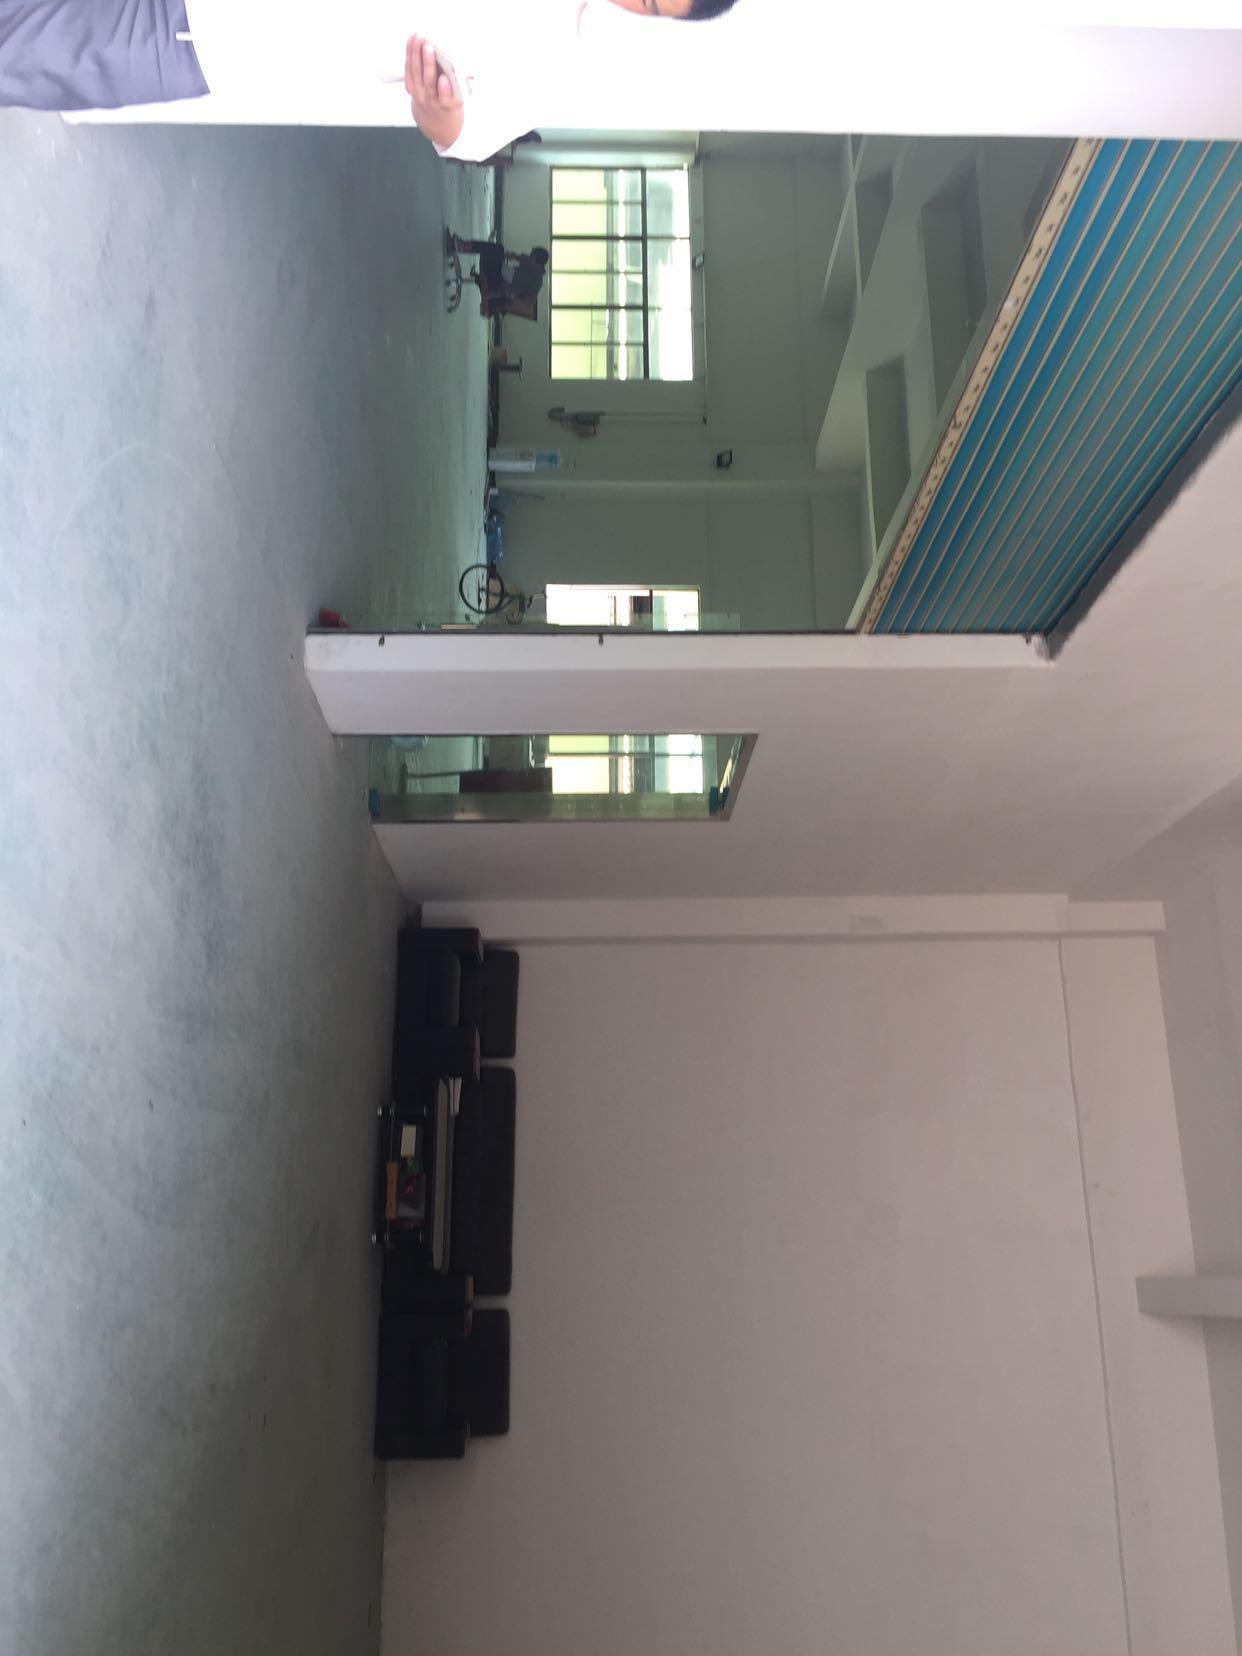 大朗佛新前一秒新出标准厂房分租1⃣️楼600平米水电齐全有办公室-图4